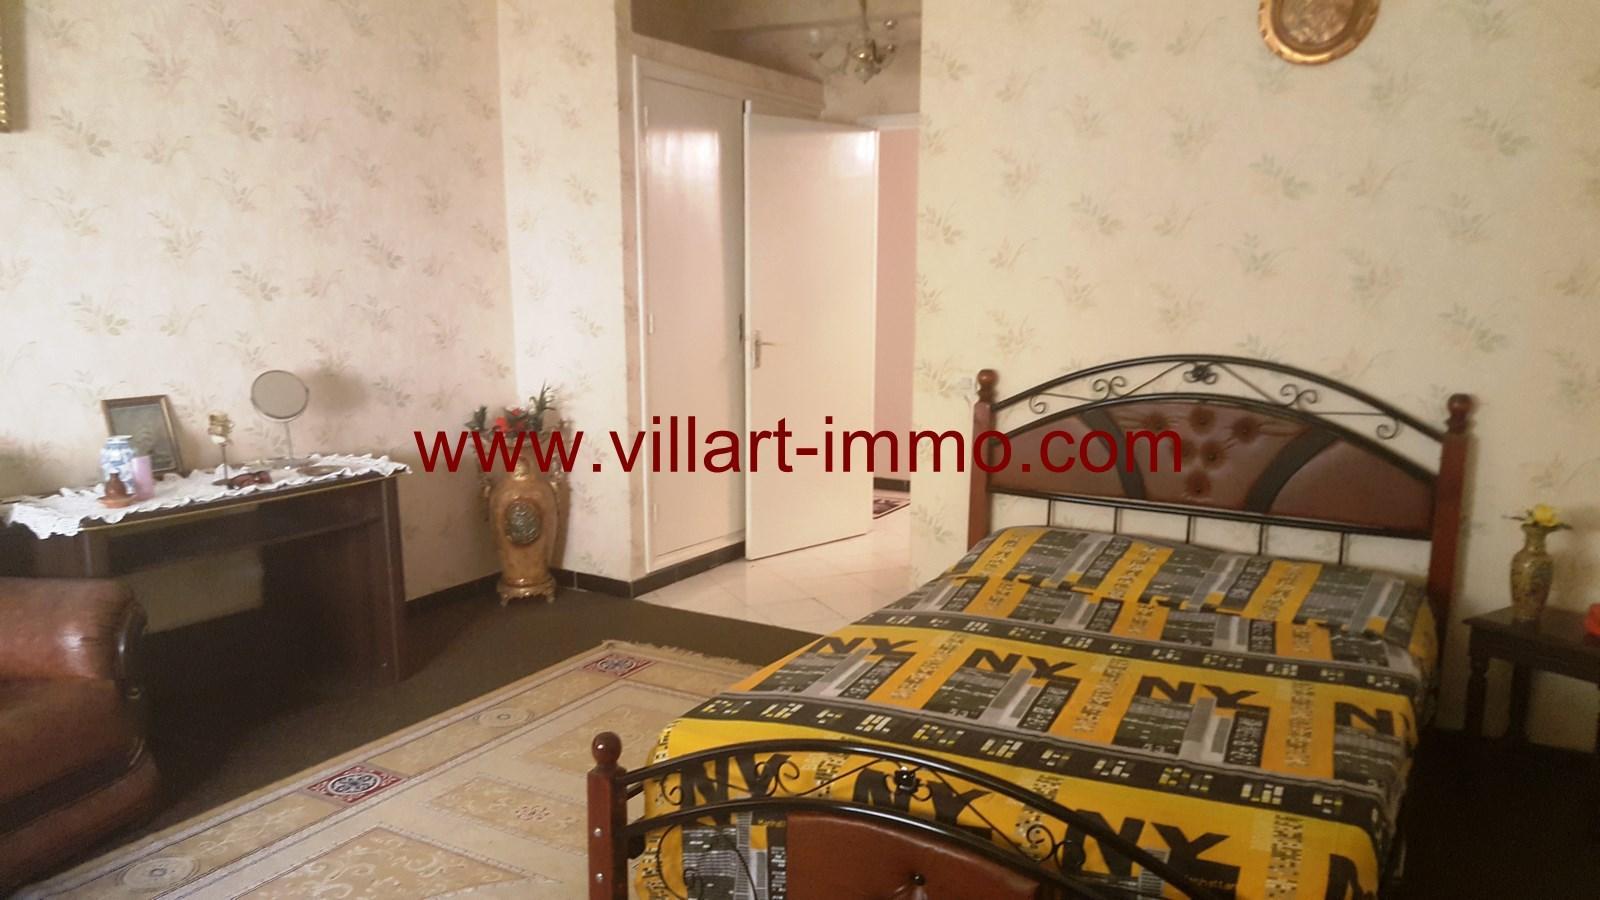 A vendre appartement f4 tanger au centre ville villart for Chambre de commerce tanger